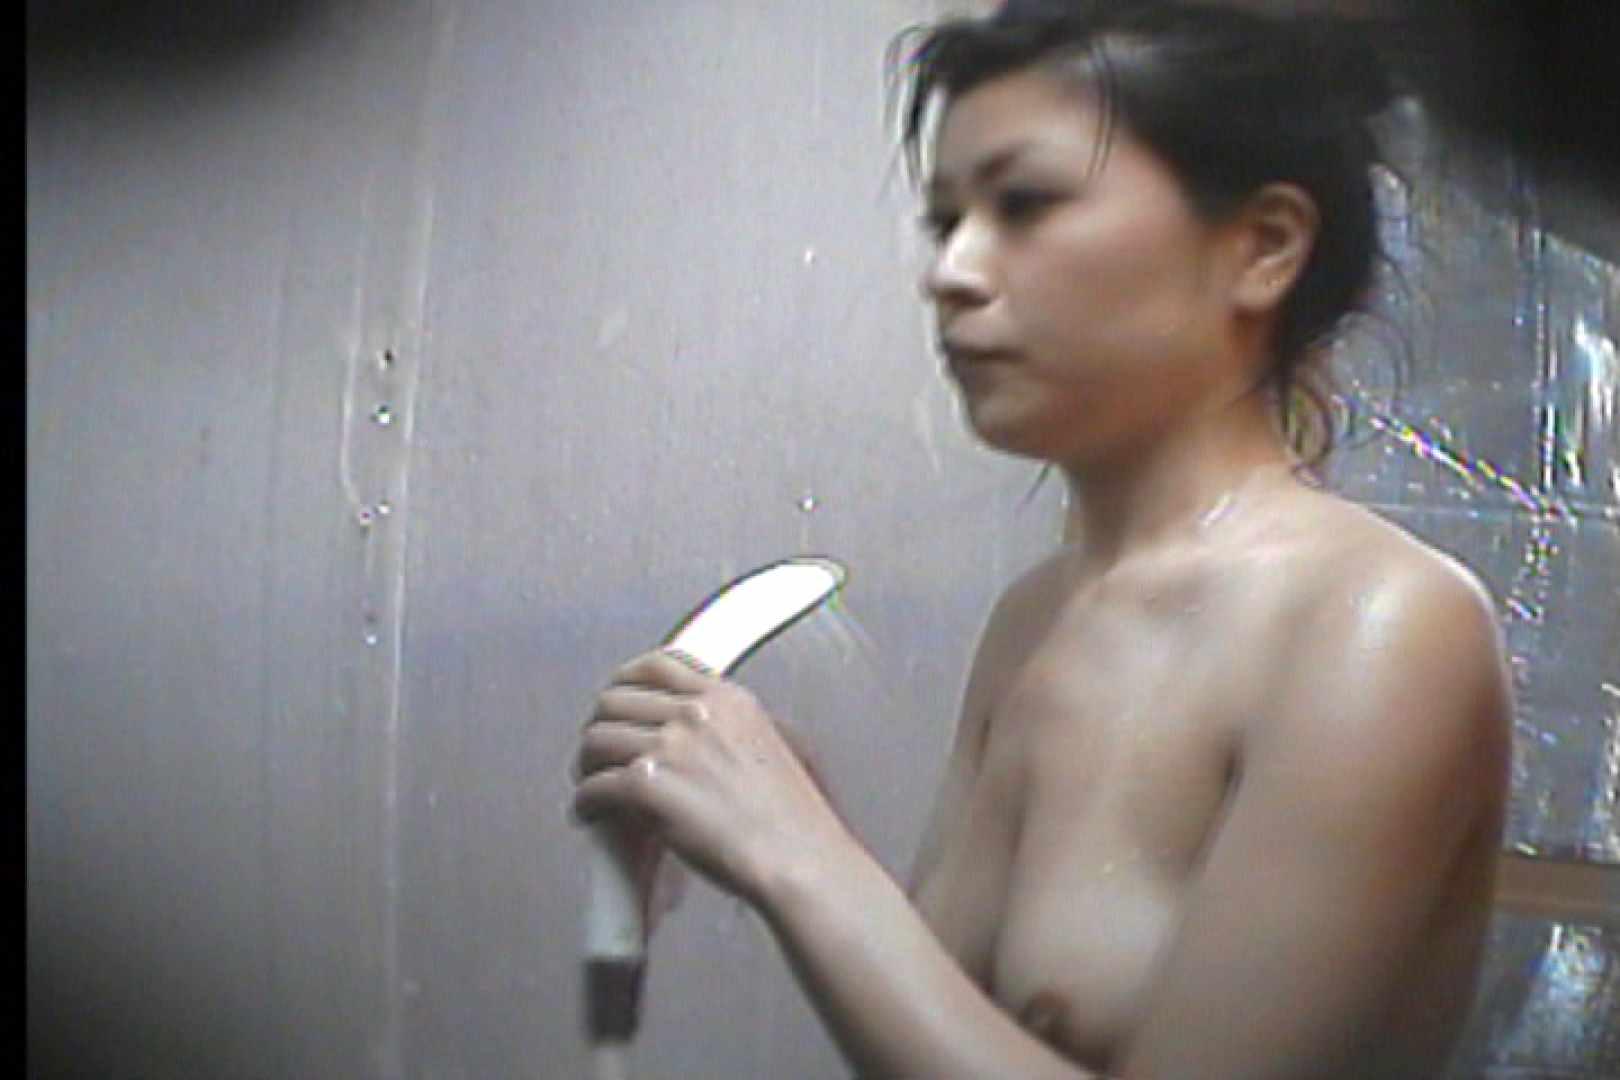 海の家の更衣室 Vol.19 美女 おめこ無修正画像 56画像 29